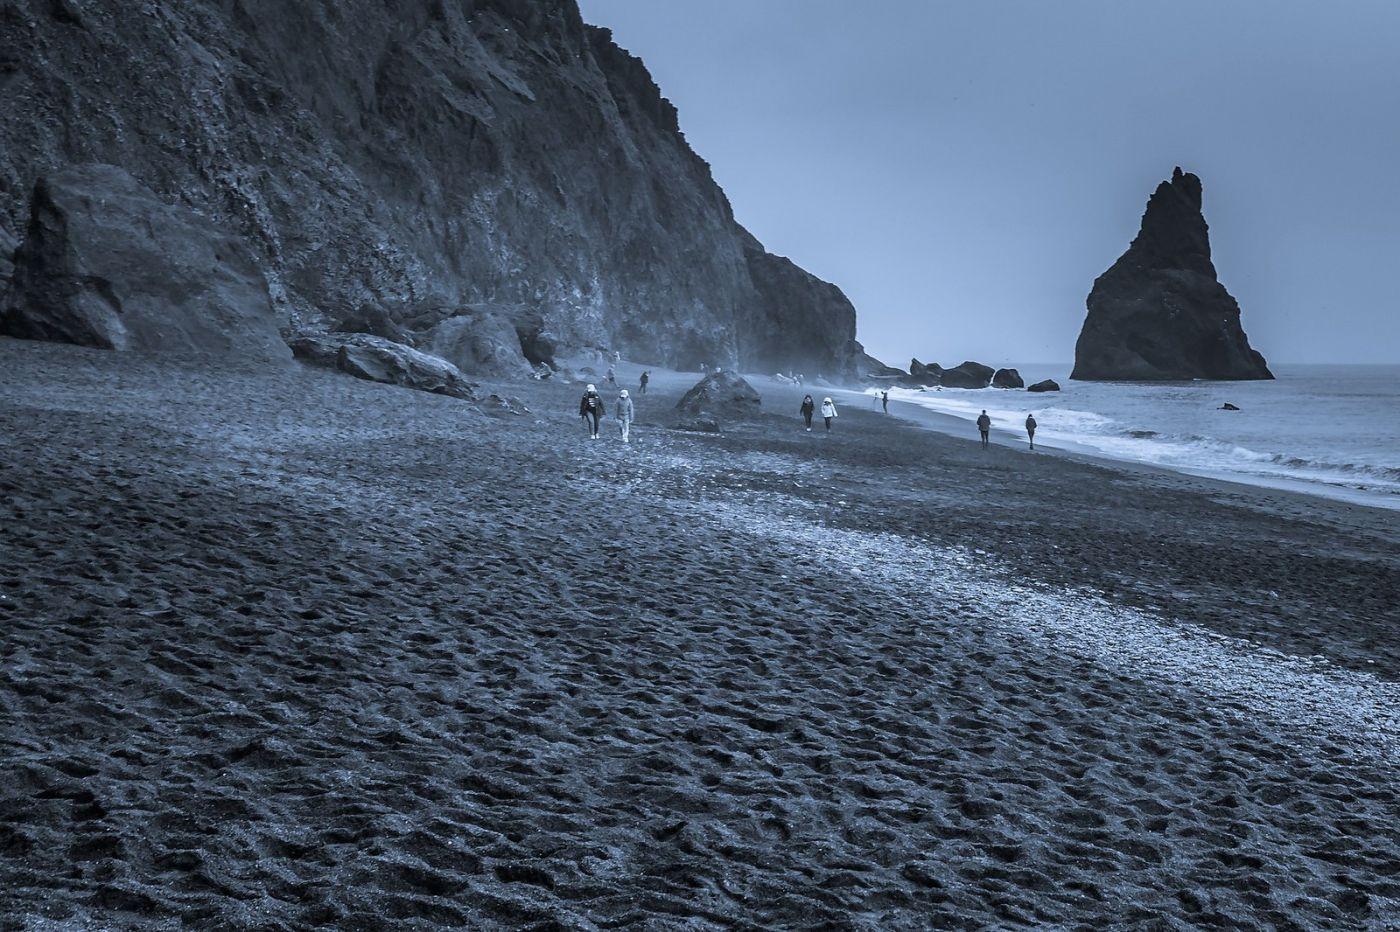 冰岛雷尼斯法加拉黑沙滩(Reynisfjara Black Sand Beach)_图1-10